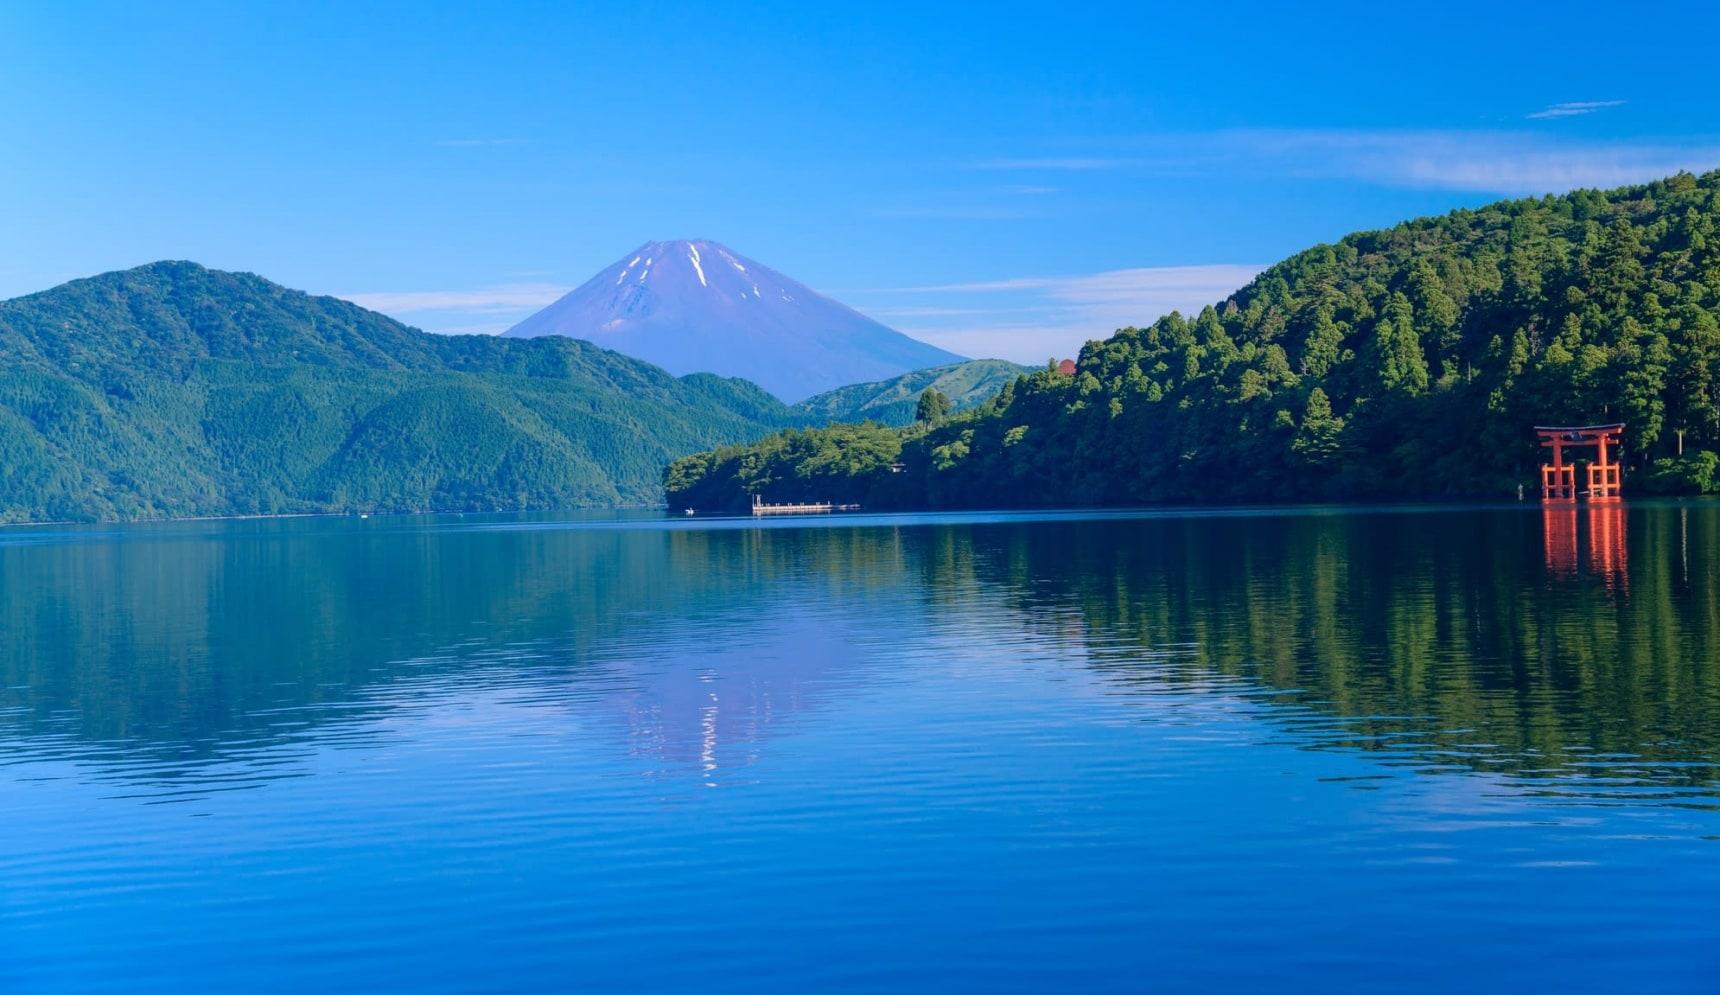 10 ที่เที่ยวไม่ควรพลาดรอบๆโยโกฮามา